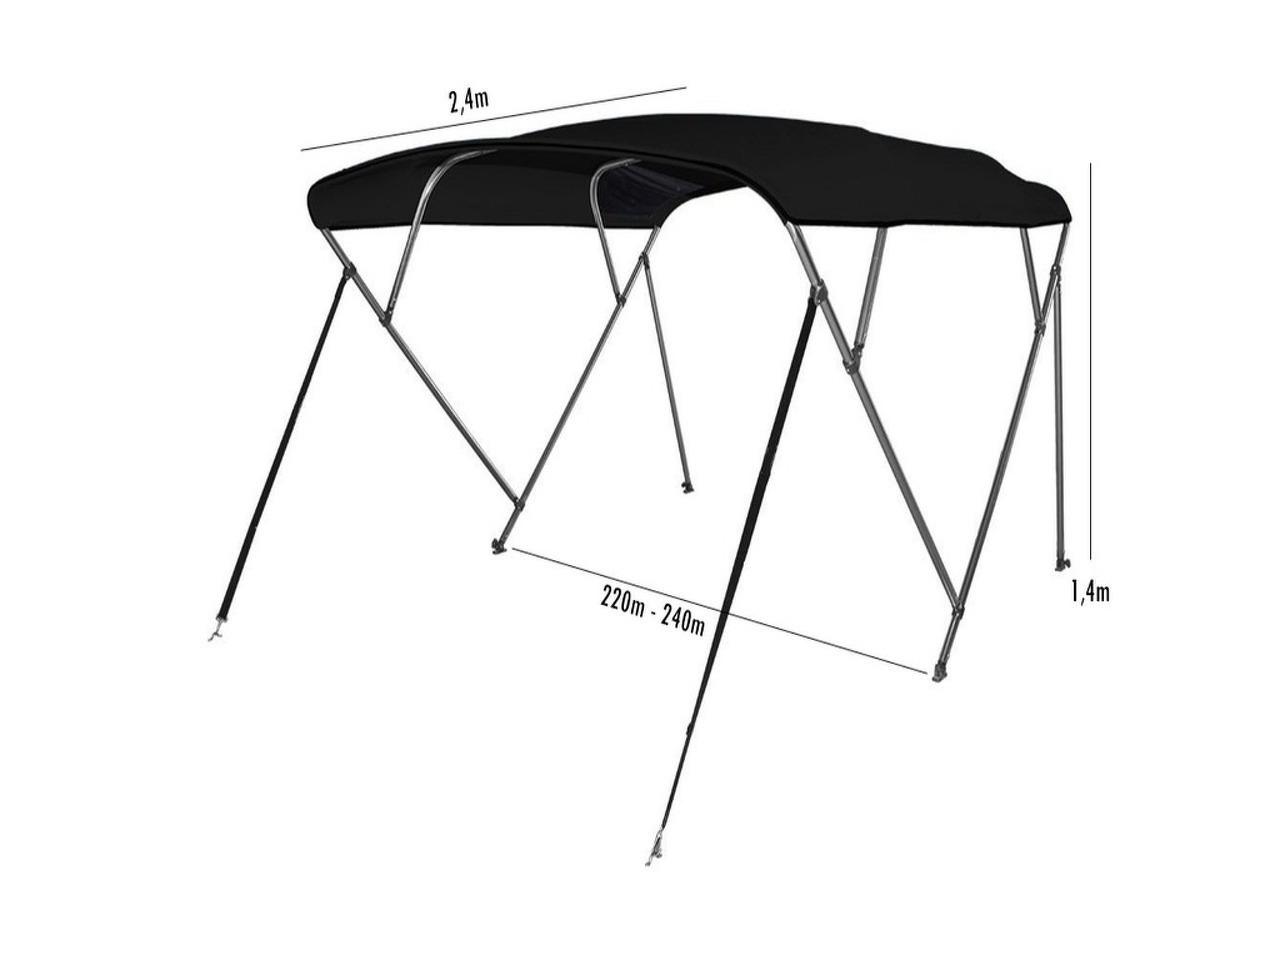 Toldo Bimini 4 arcos cor Preto largura 2,20m-2,40m - 1/5